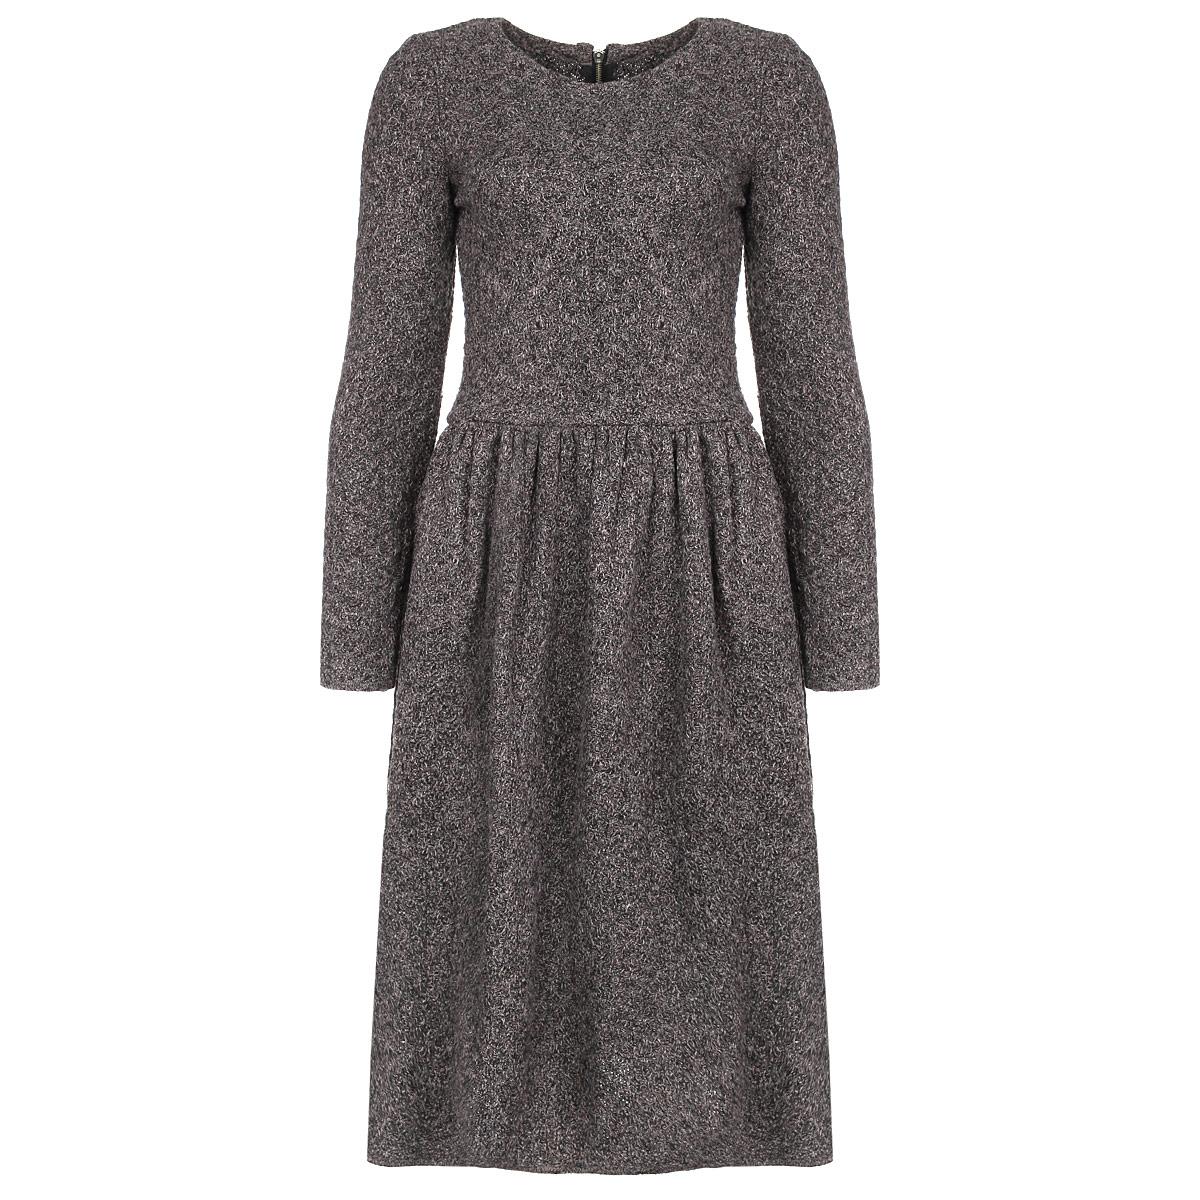 Платье. 904904Стильное вязаное платье Milana Style изготовлено из высококачественной шерсти. Такое платье обеспечит вам комфорт и удобство при носке. Платье с длинными рукавами и с круглым вырезом горловины застегивается по спинке на металлическую застежку-молнию. От линии талии заложены складочки. Фактурная вязка придает изделию оригинальность. По бокам предусмотрены два втачных кармана, украшенных вставками из искусственной кожи. Приталенный силуэт великолепно подчеркнет достоинства фигуры. Это модное и удобное платье станет превосходным дополнением к вашему гардеробу, оно подарит вам удобство и поможет вам подчеркнуть свой вкус и неповторимый стиль.